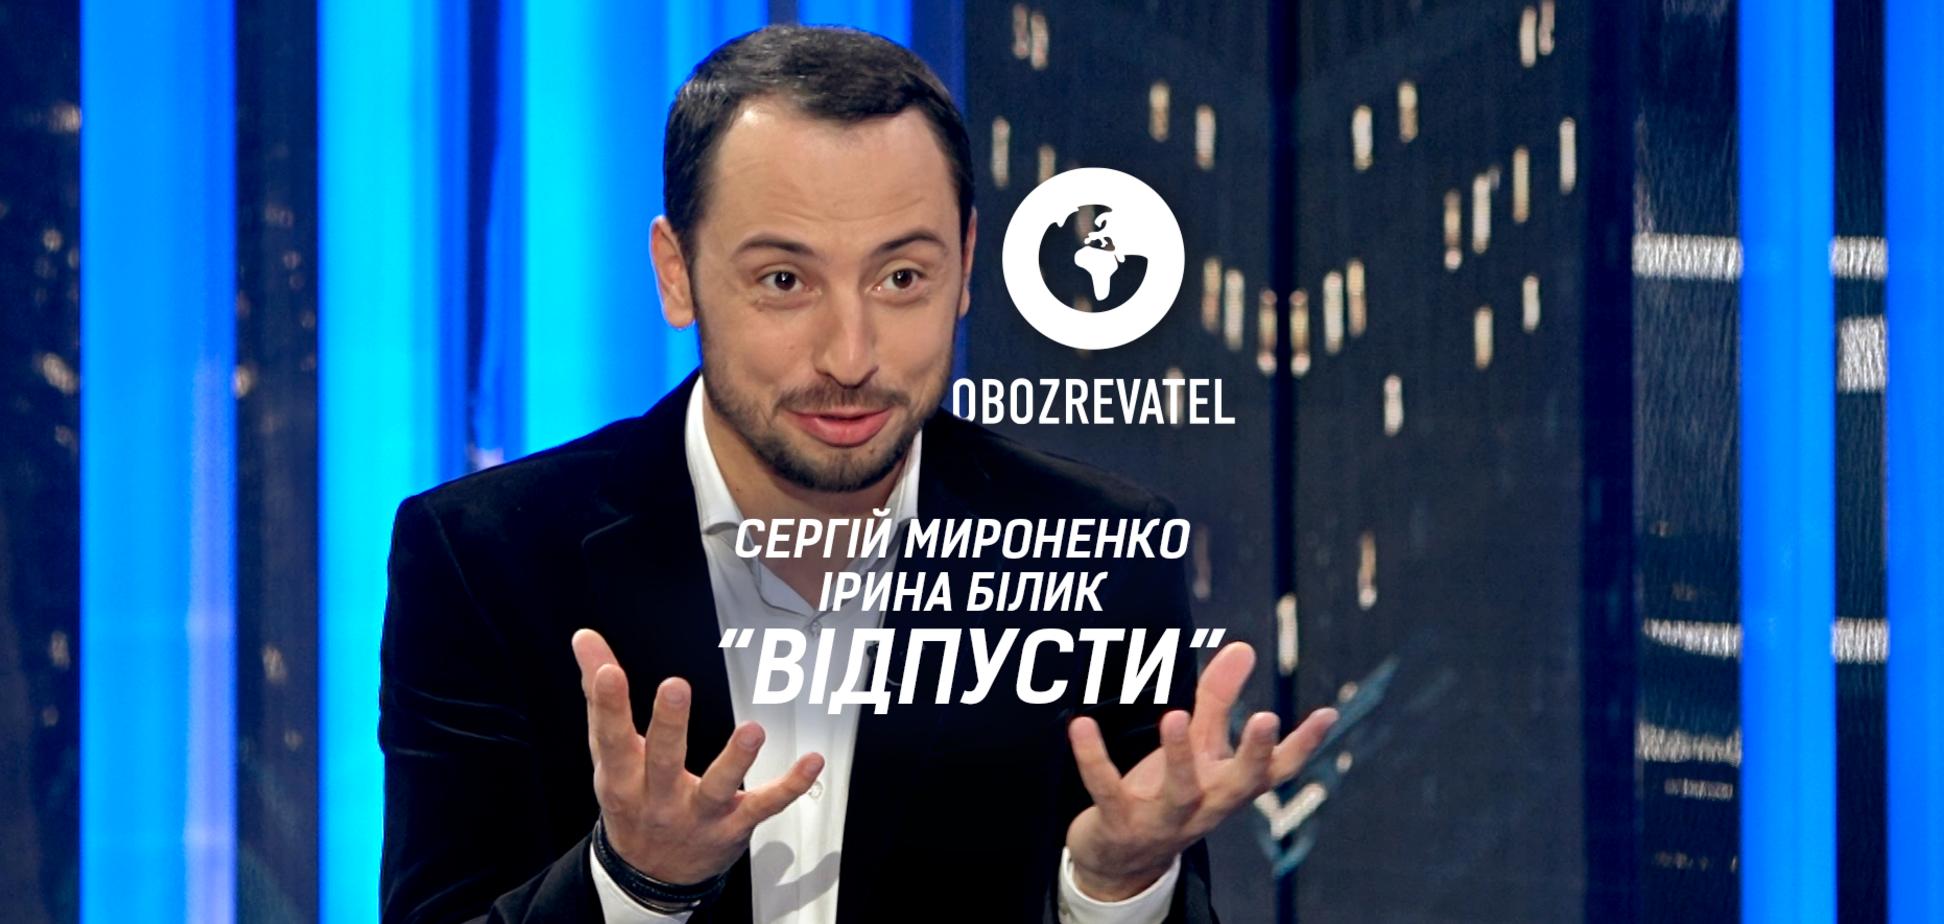 Ирина Билык и Сергей Мироненко готовят совместный тур по Украине